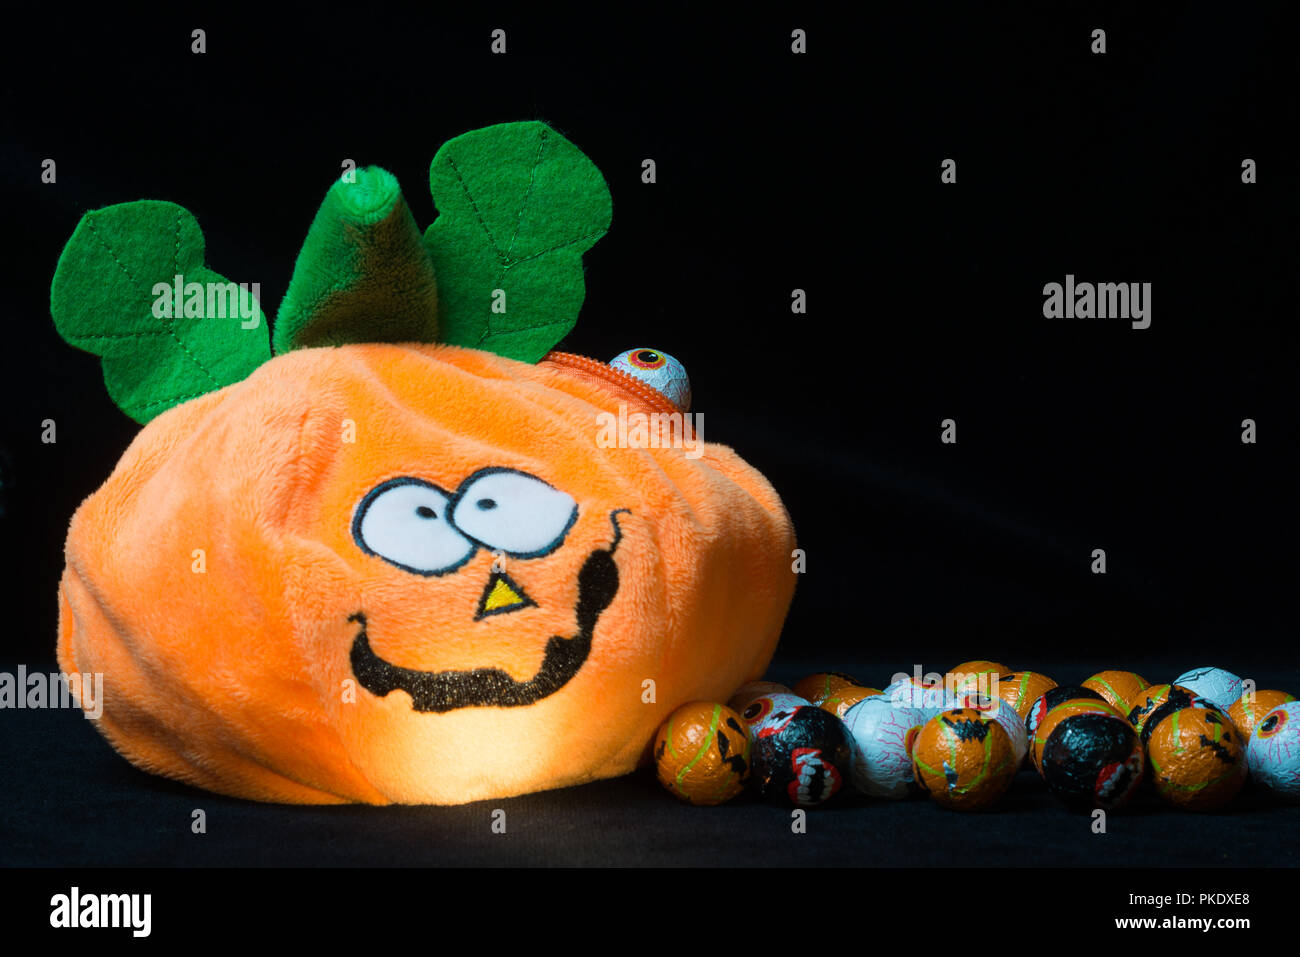 Divertente il giocattolo di peluche a forma di zucca di Halloween con i  lotti delle sfere di cioccolato intorno ad esso 40e91163a650